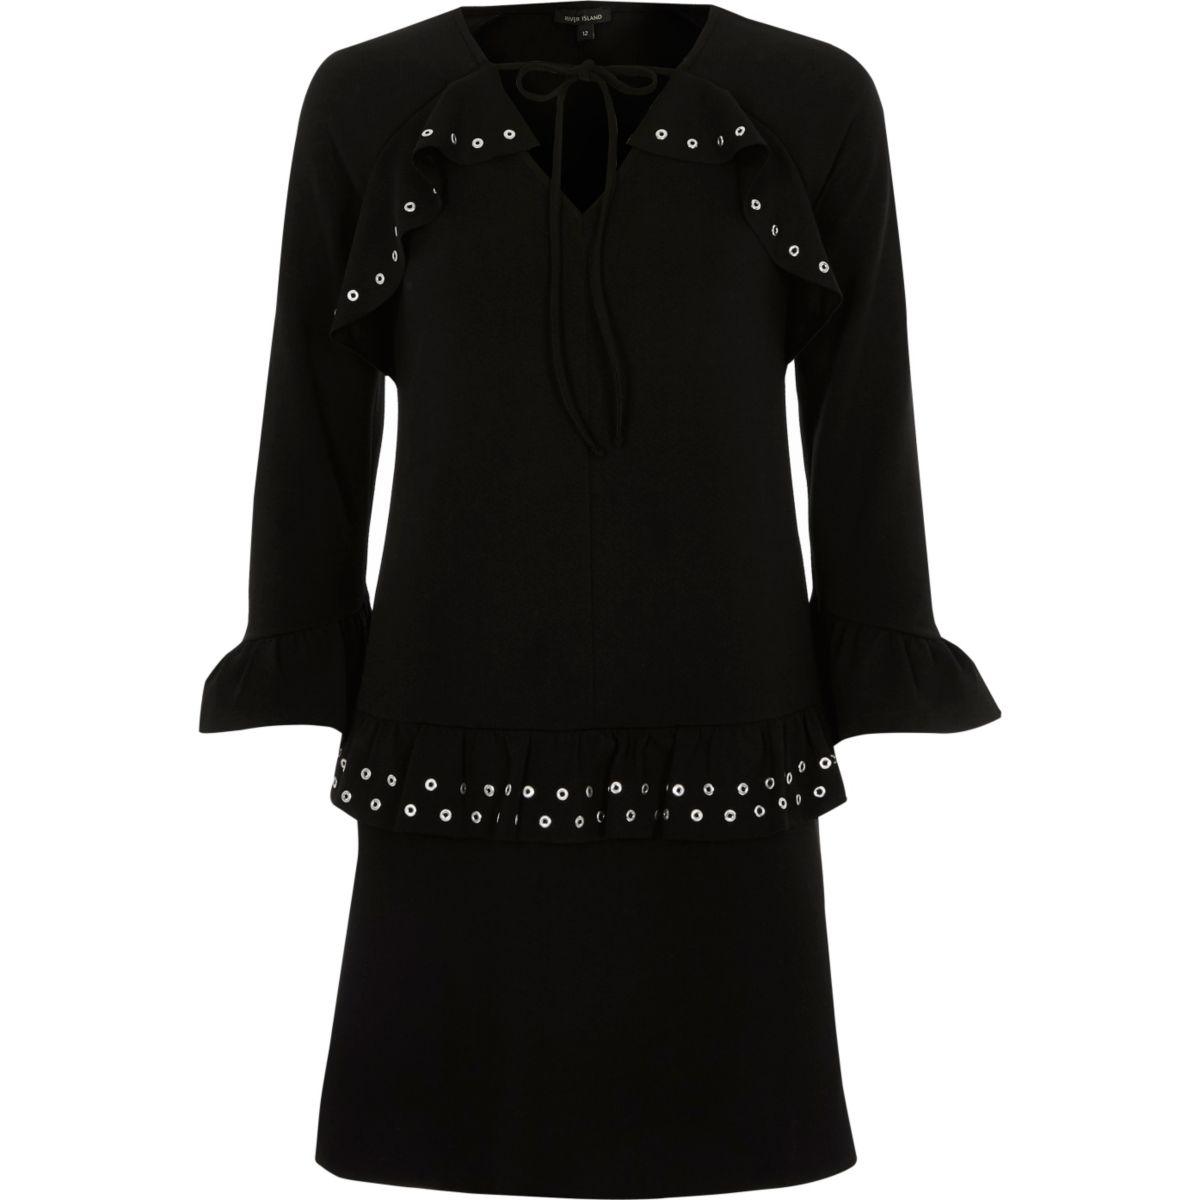 Zwarte jurk met lange mouwen, oogjes en ruches